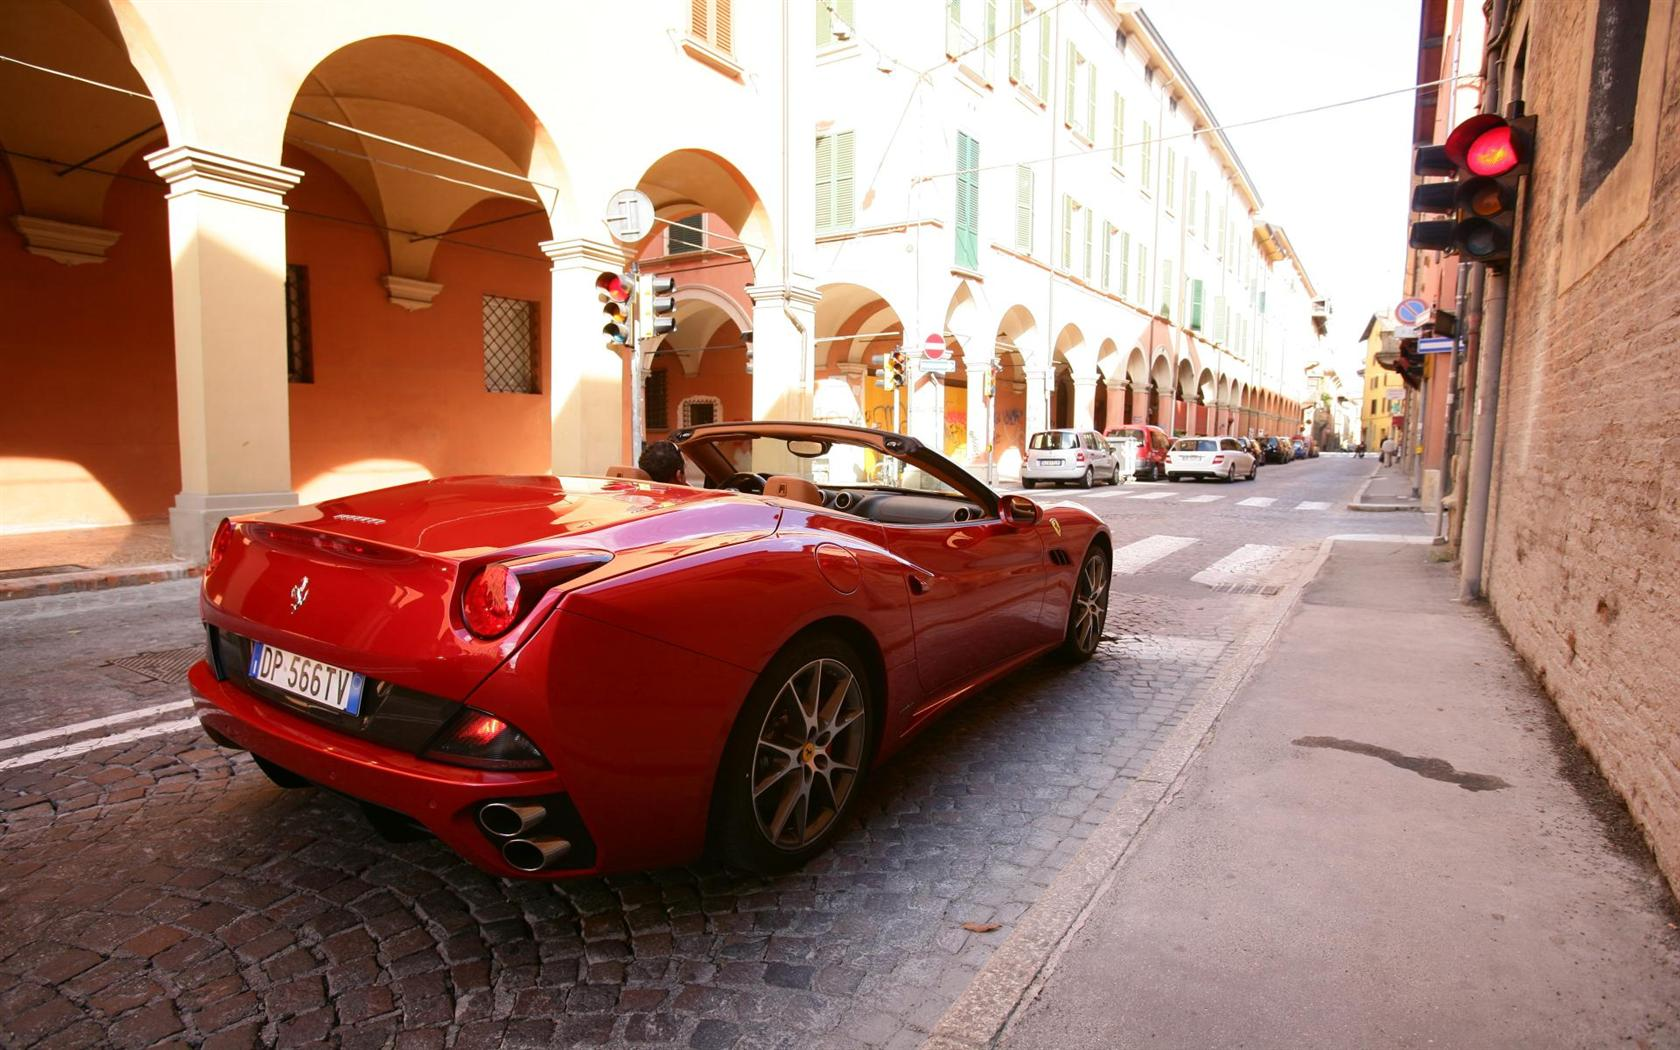 2012 Ferrari California Image